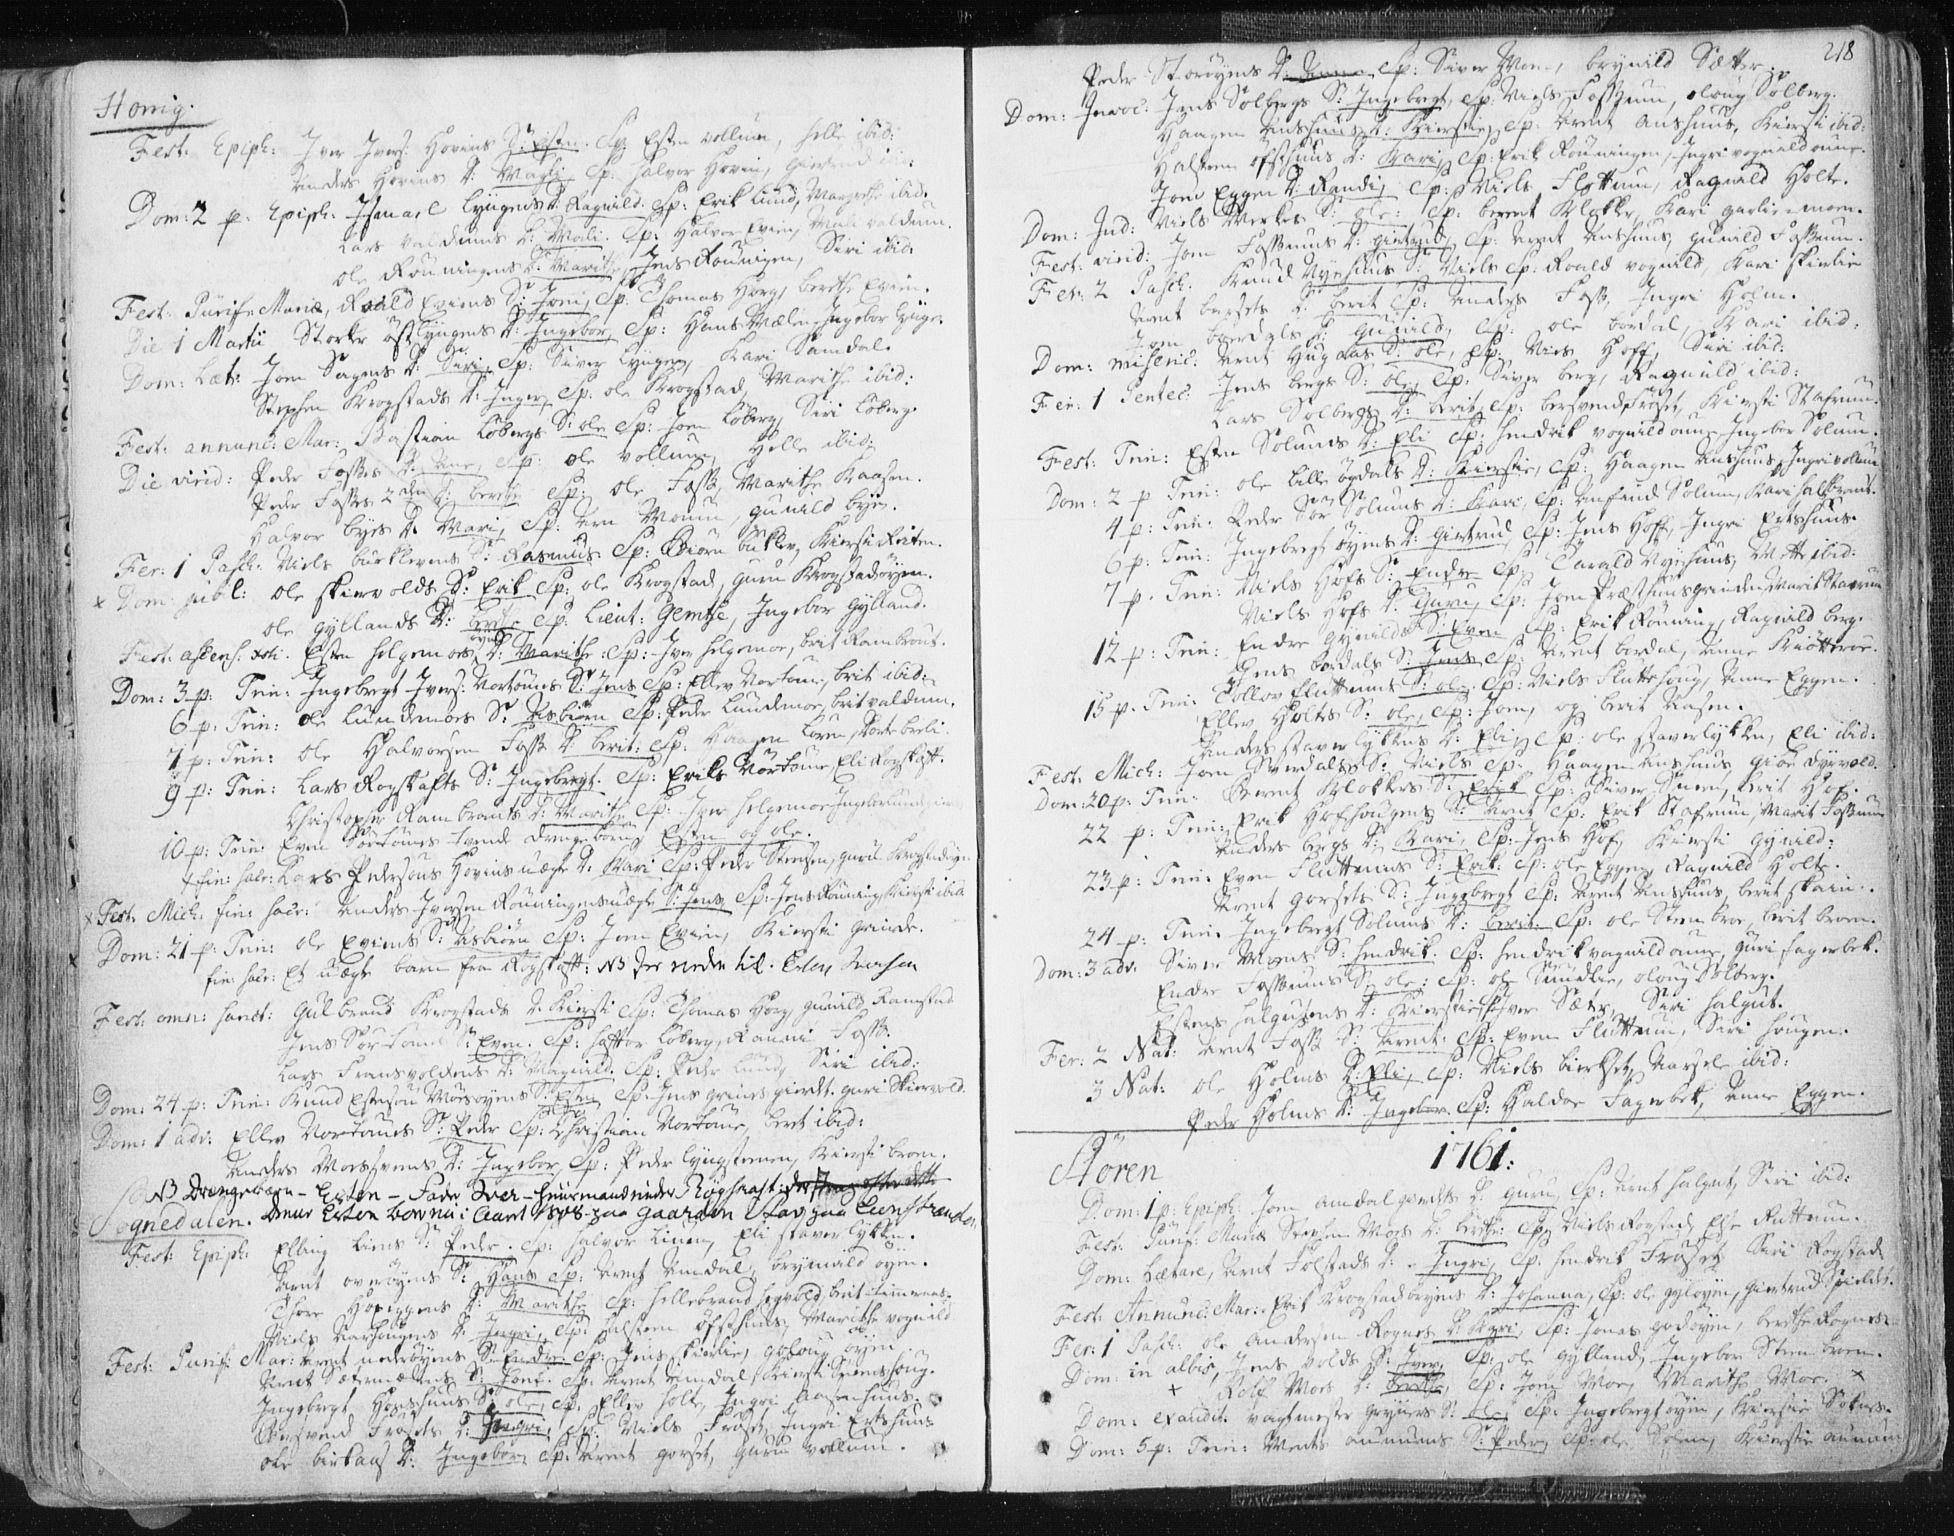 SAT, Ministerialprotokoller, klokkerbøker og fødselsregistre - Sør-Trøndelag, 687/L0991: Ministerialbok nr. 687A02, 1747-1790, s. 218